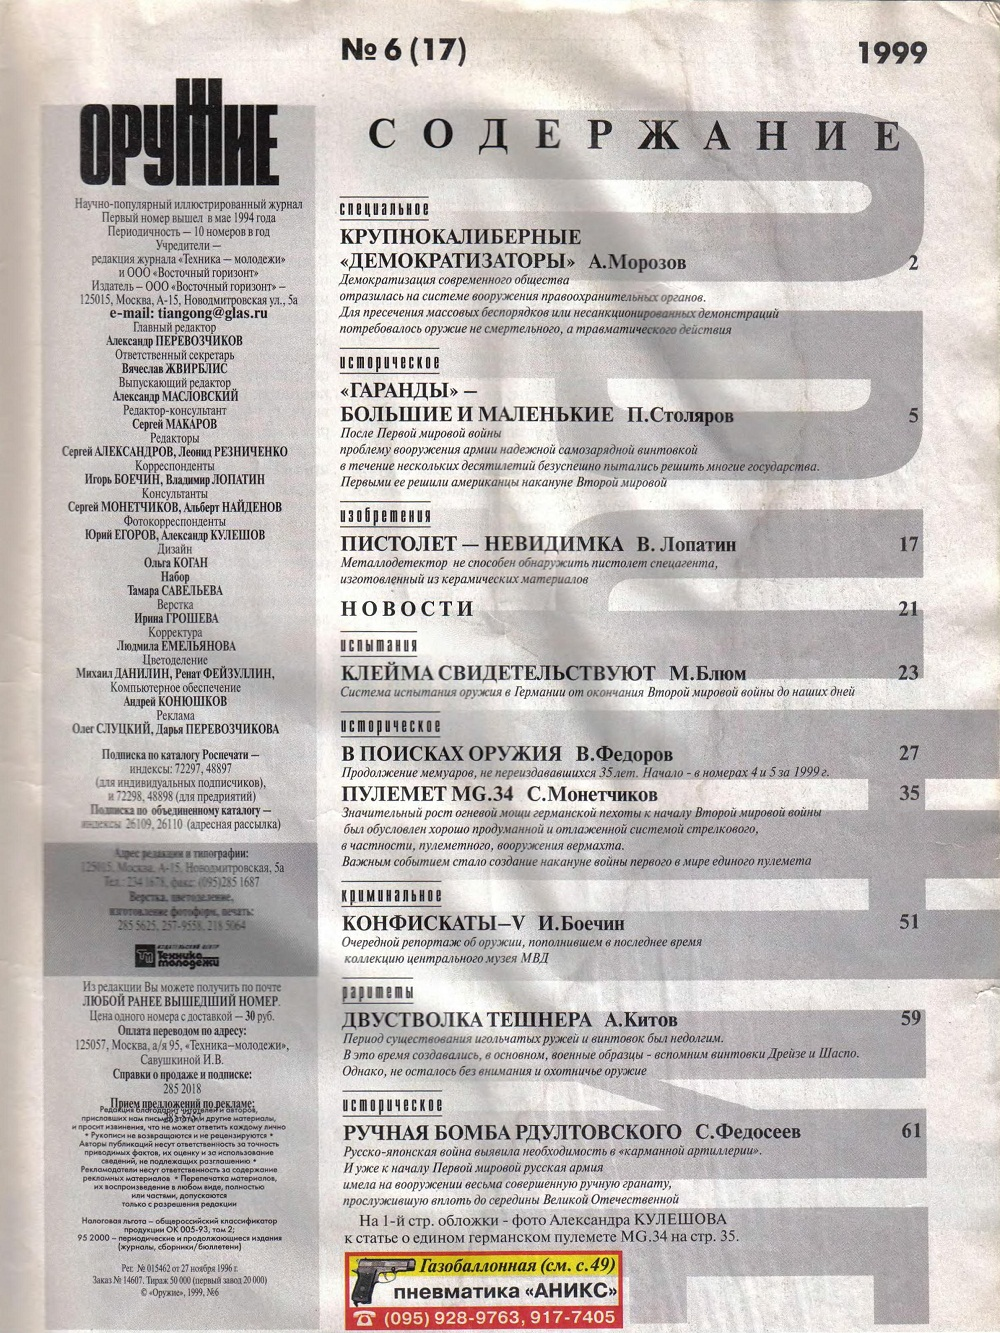 Оружие 1999 год